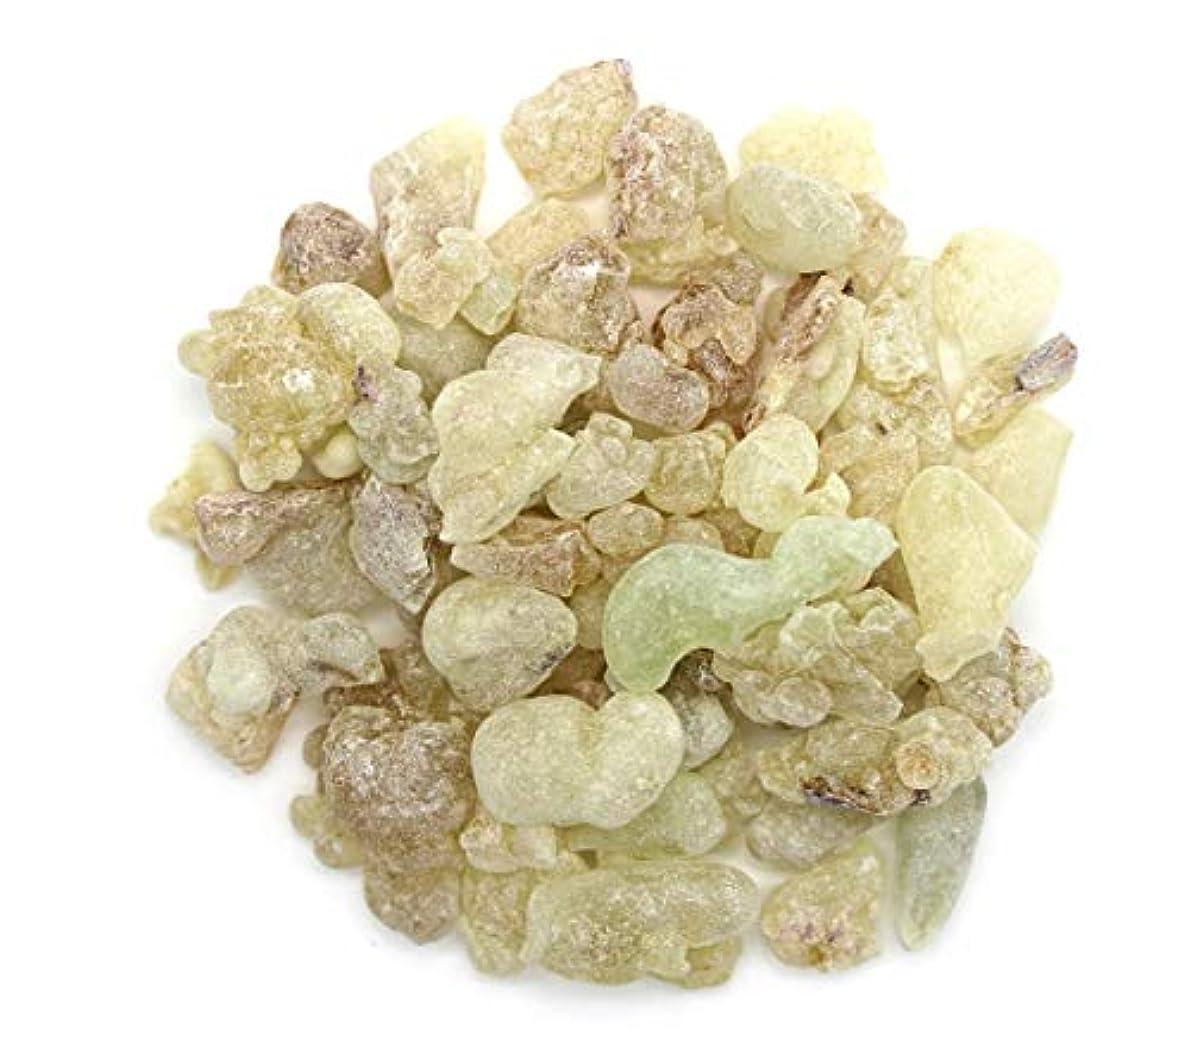 米国荒涼としたマグHygge Aromatics ロイヤルグリーン ホジャリ フランキンセンス - オーガニック - オマン (Boswellia Sacra) 1/2ポンド